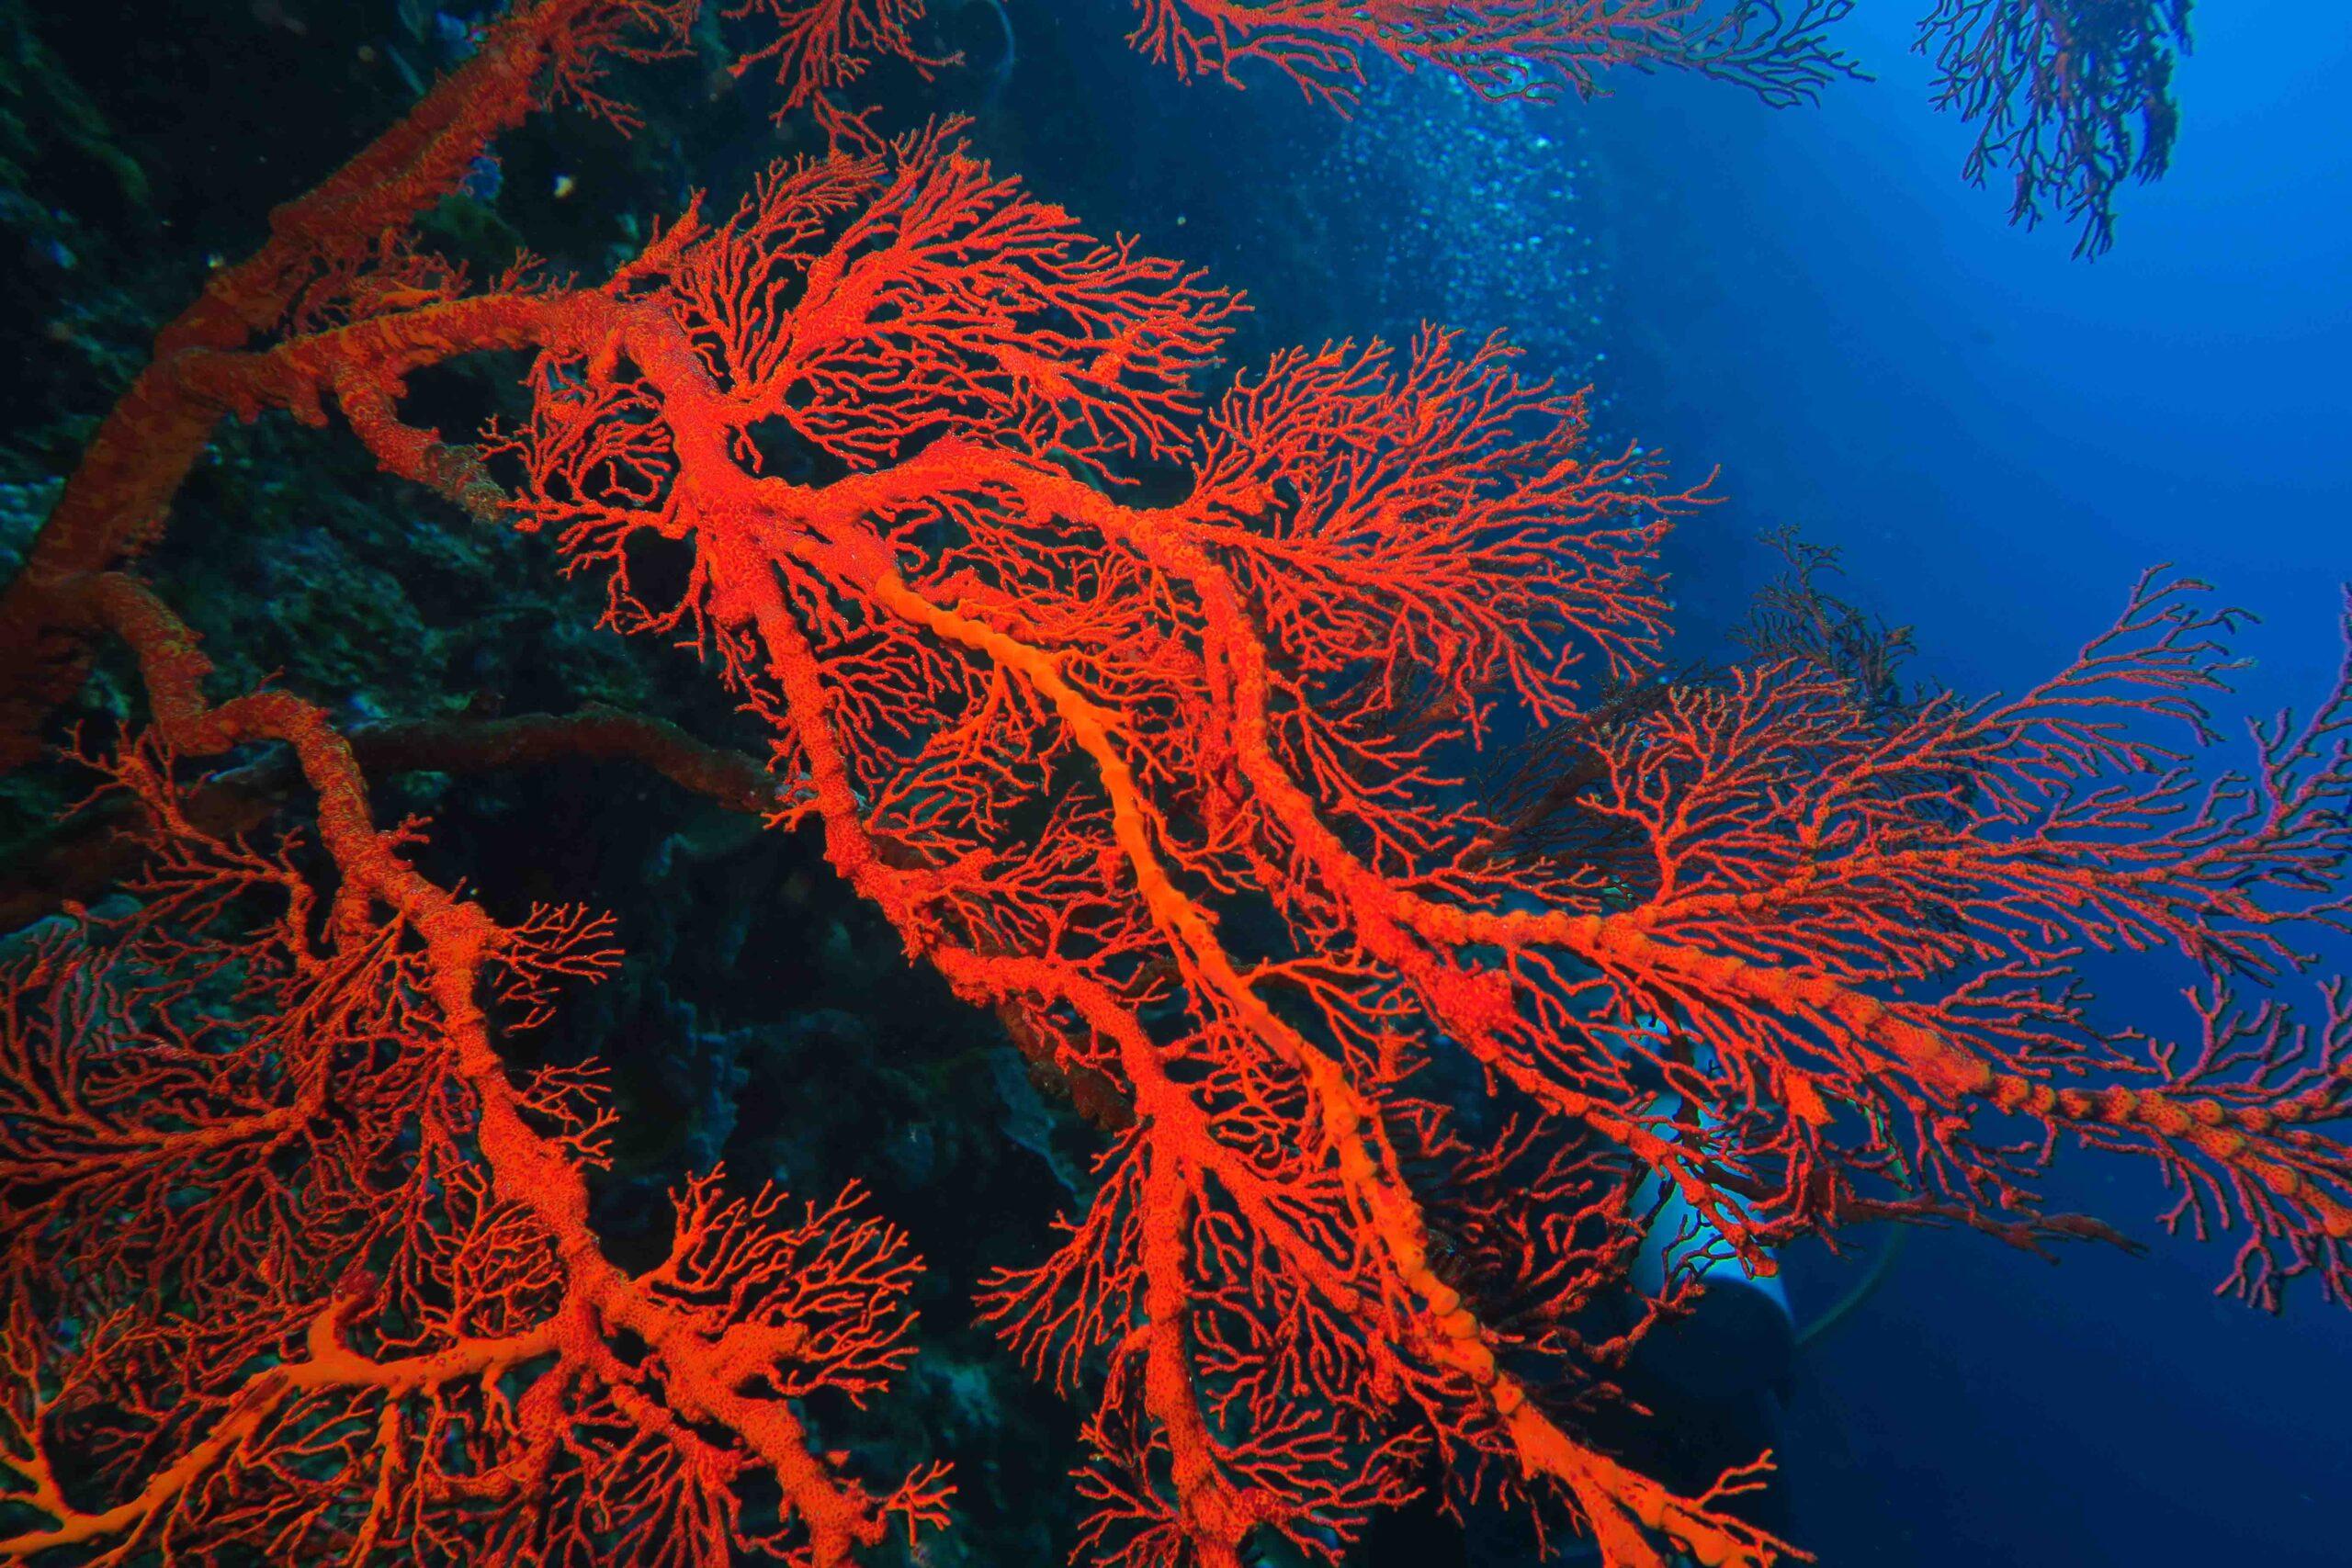 Mi immergo per visitare degli scenografici muri ricoperti di gorgonie e coralli.